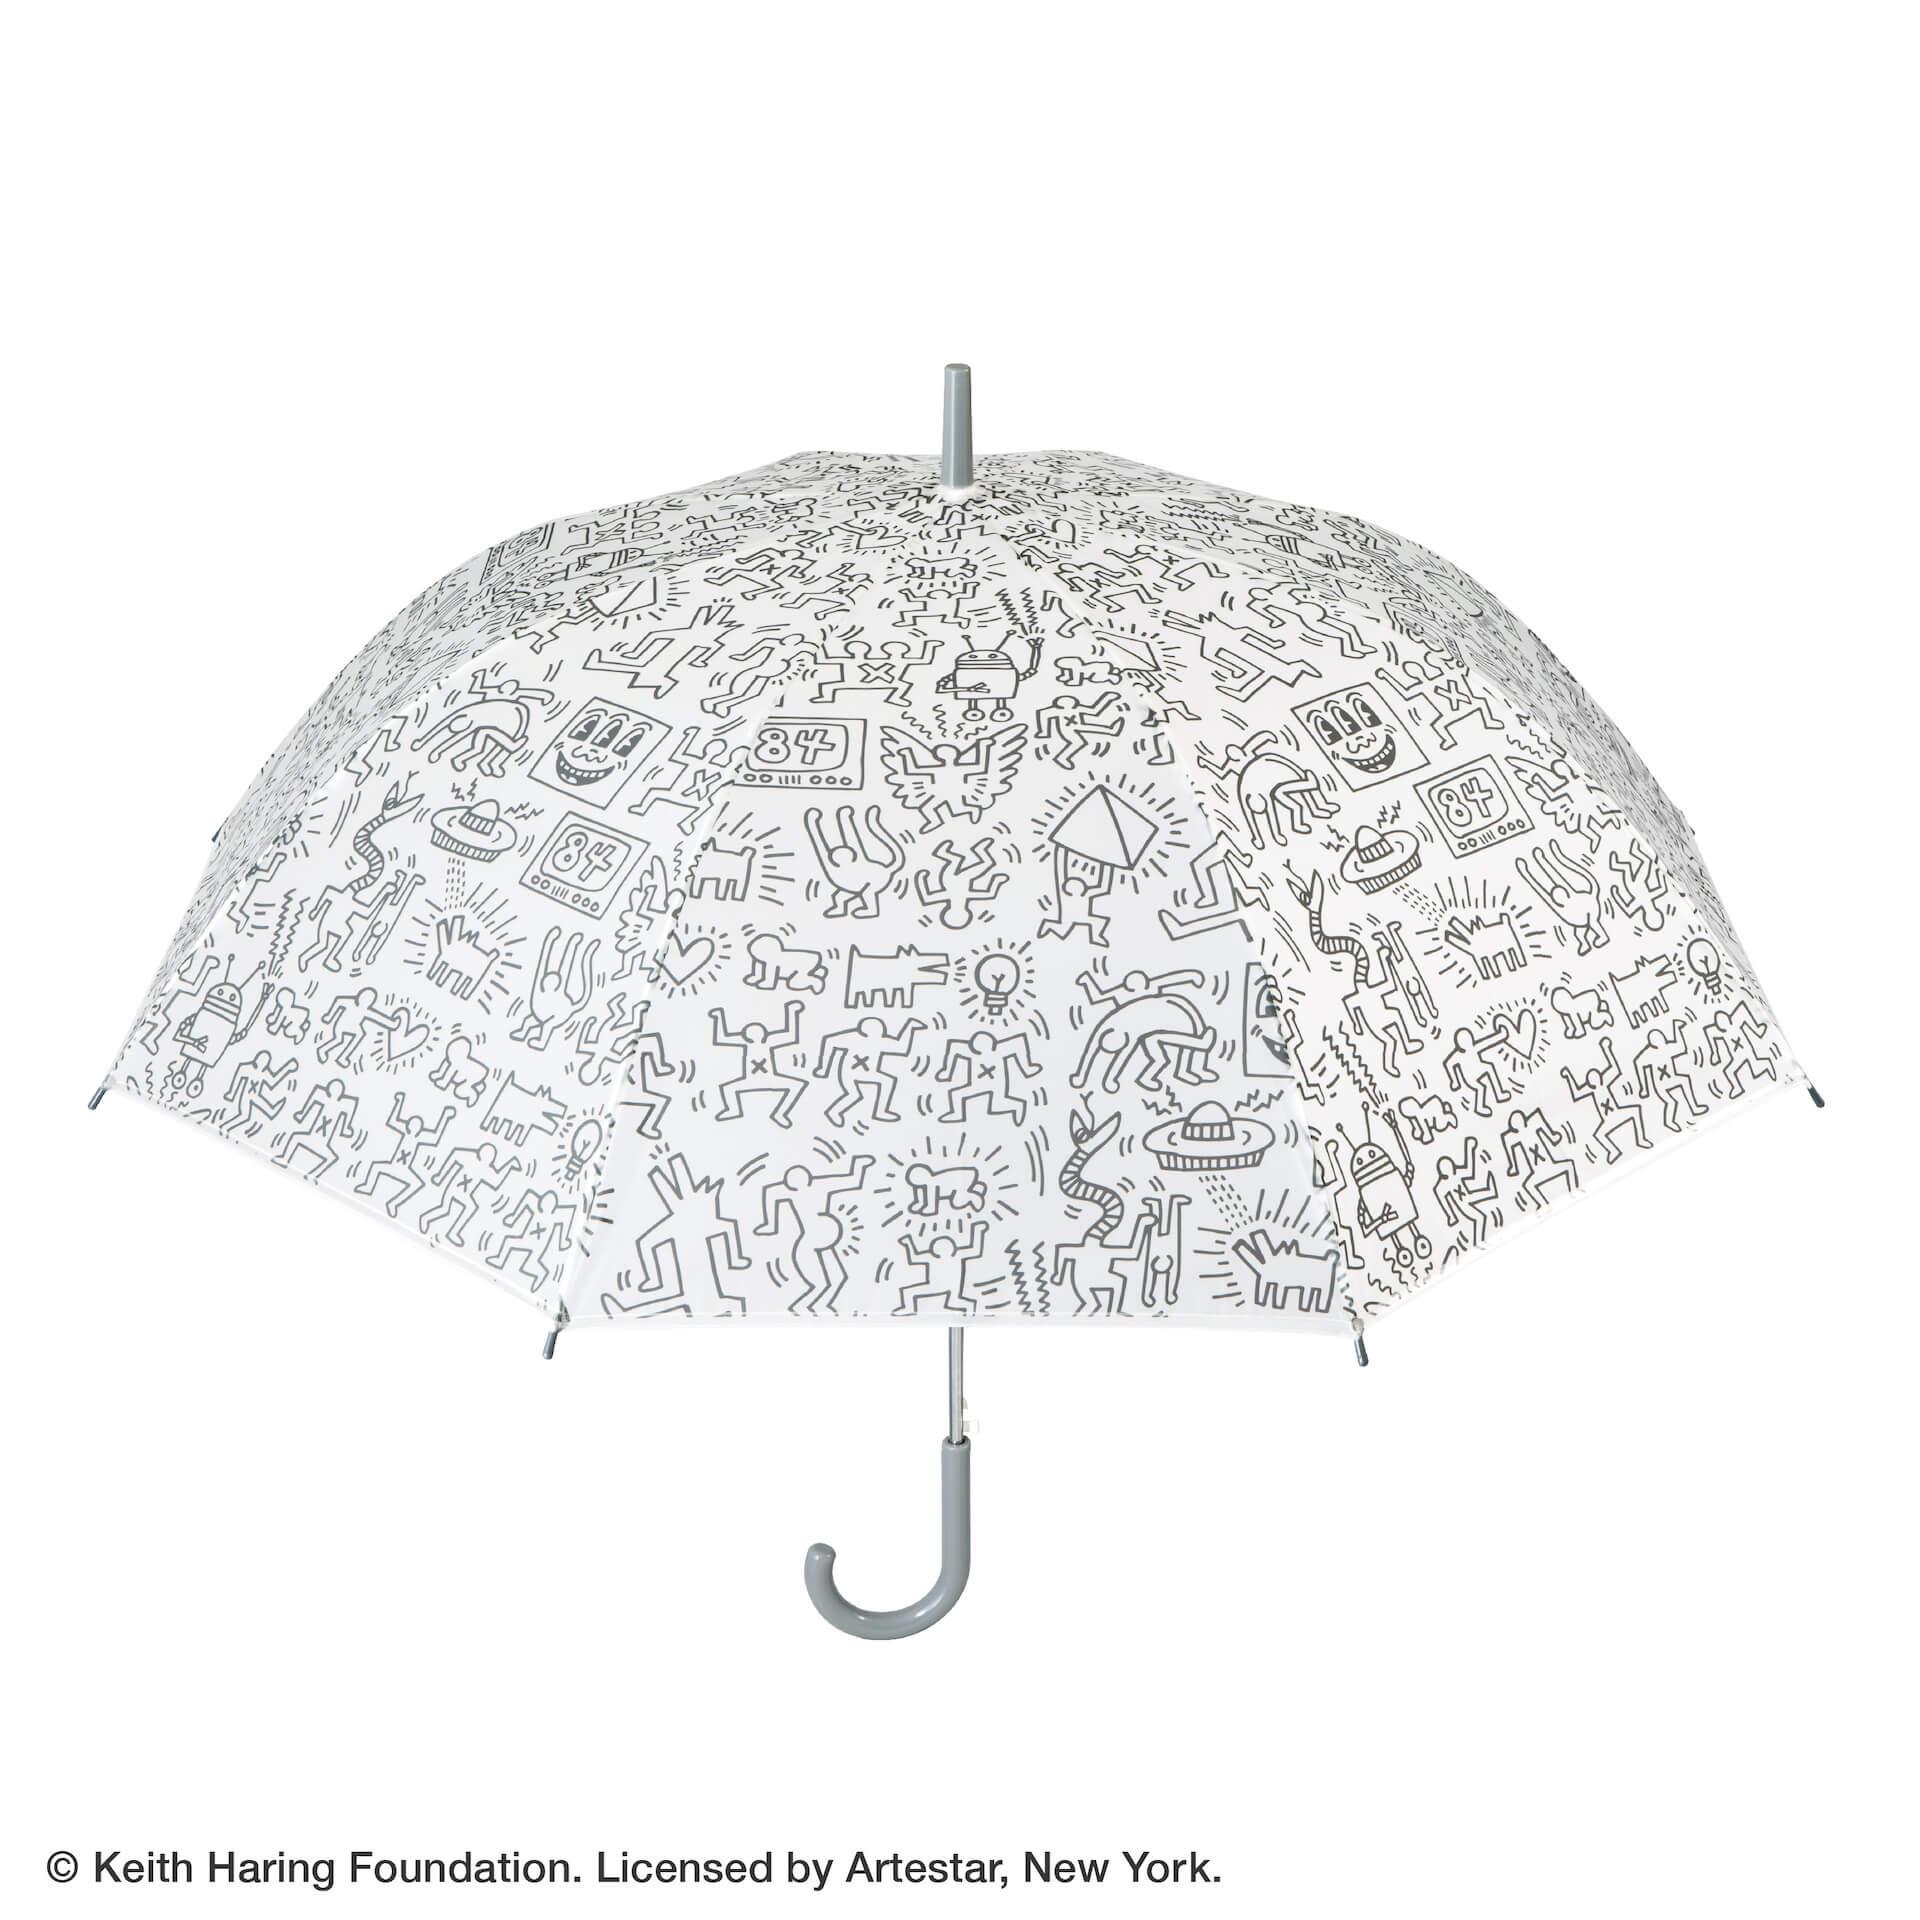 キース・ヘリングのアートデザインのビニール傘がセブンネットショッピングで先行予約開始!カラフル、モノトーンなど3種 lf200625_keith_haring_umbrella_03